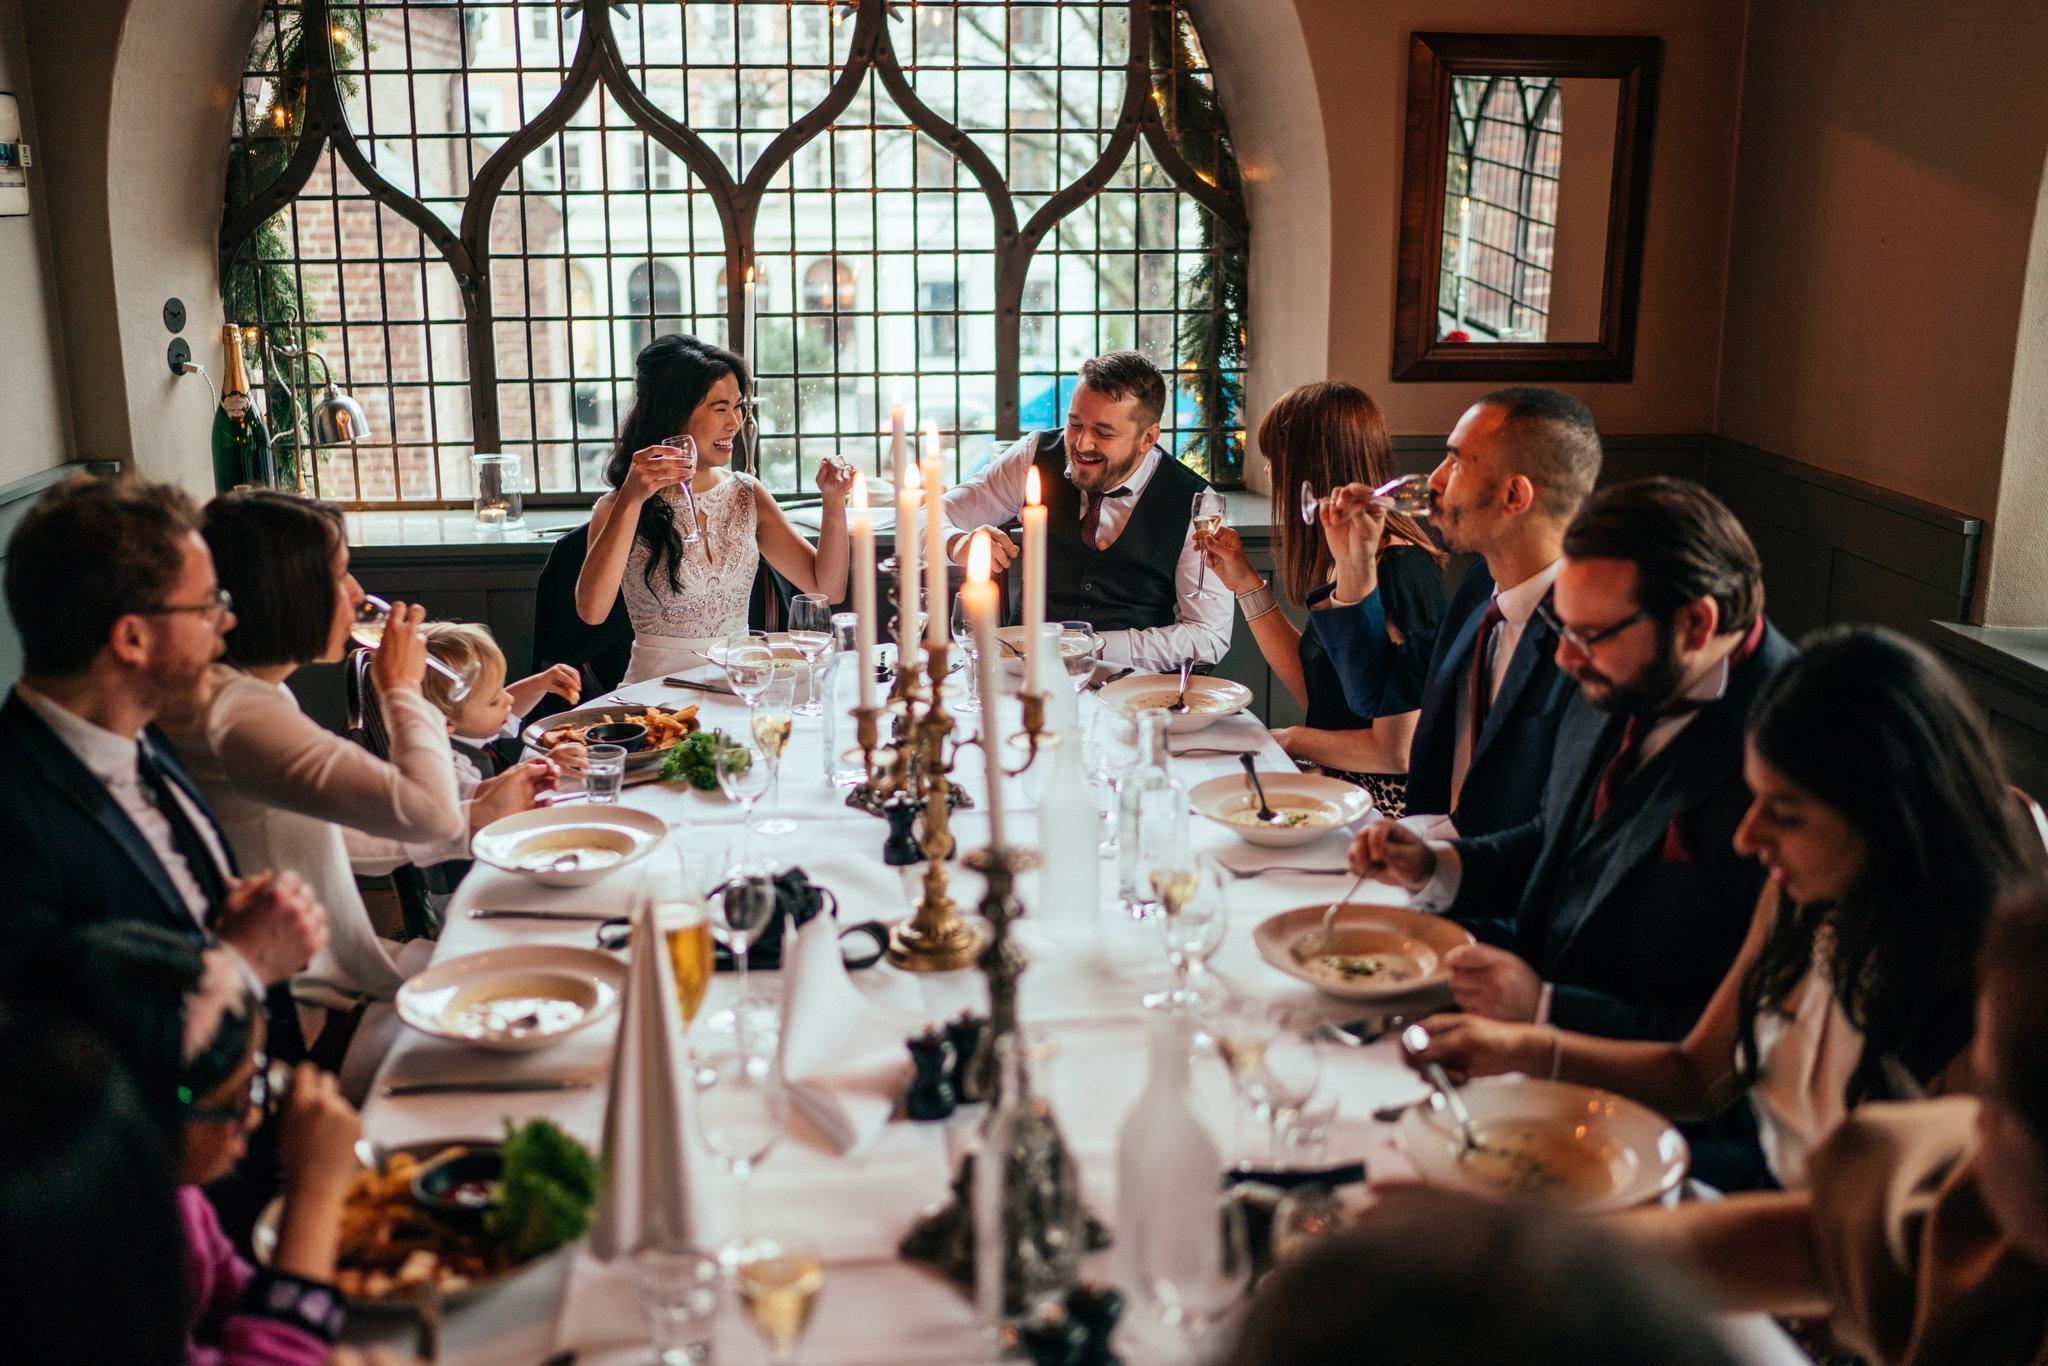 Bryllup - Med vores romantiske og historiske lokaler er 'Maven – Restaurant & Vinbar' et oplagt valg, når I skal fejre jeres bryllup. Vi kan sætte unikke rammer for den helt private bryllupsmiddag for de nærmeste – og op til 50 gæster.Lad os vejlede jer trygt frem til en enestående dag. Ønsker I bryllupskage efter middagen samarbejder vi med La Glace - se mulighederne for bryllupskage her.Kontakt os pr. mail: maven@restaurantmaven.dk eller telefon: 3220 1100.